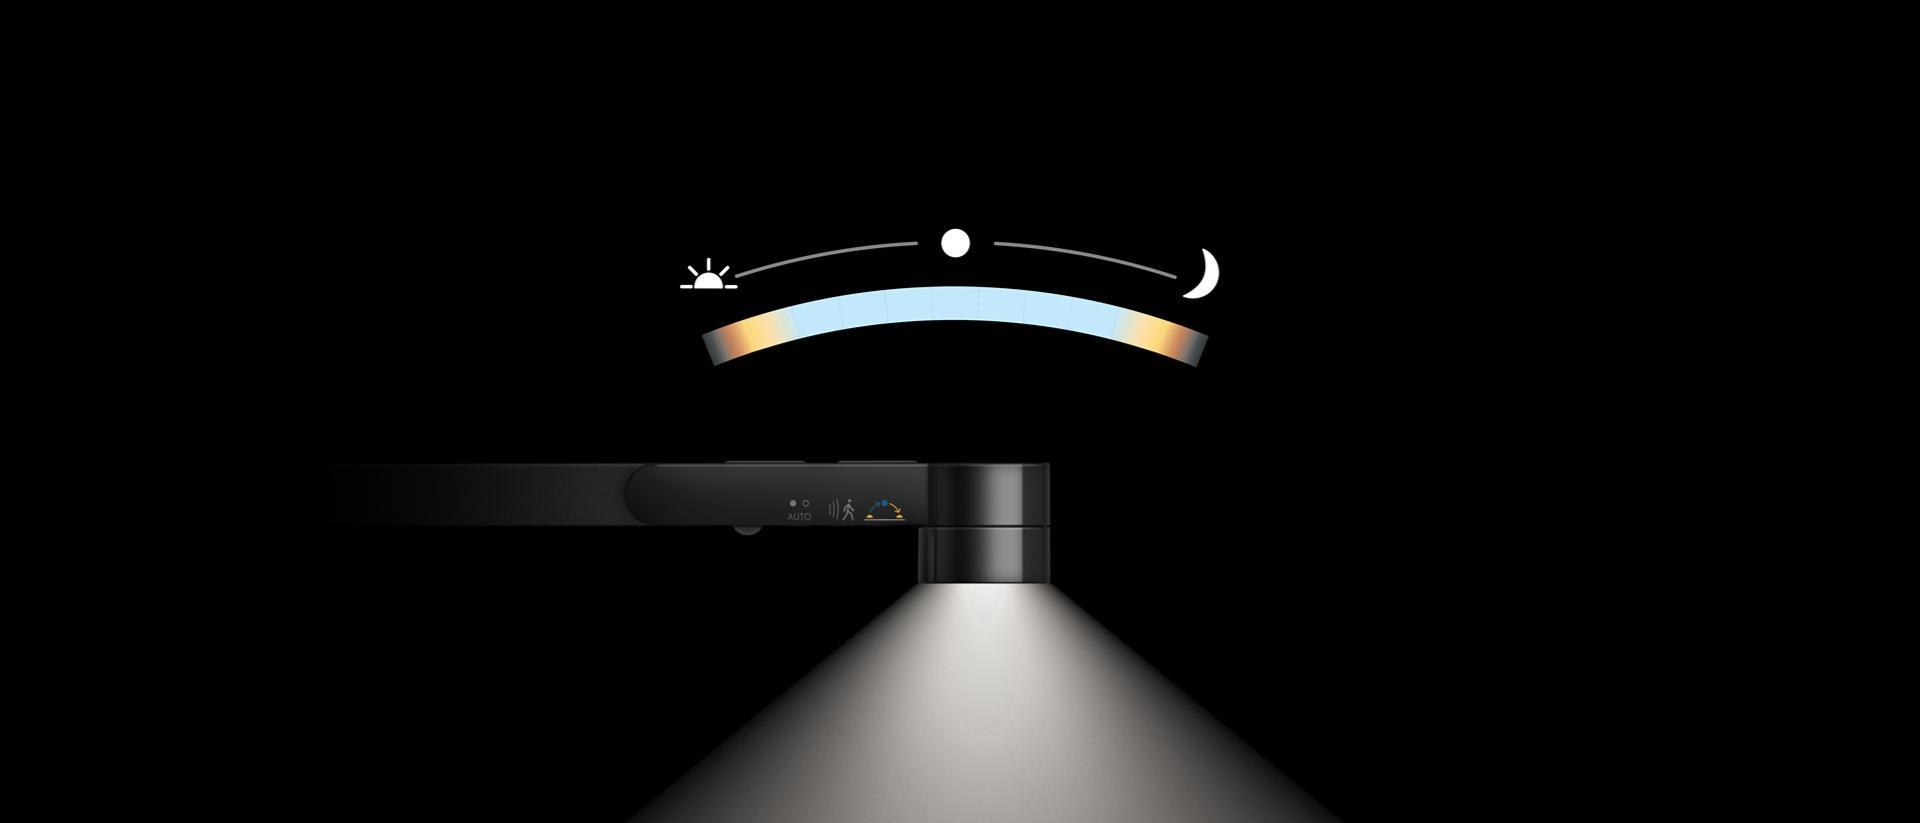 互動工具展示Dyson Lightcycle燈具根據日光進行調節